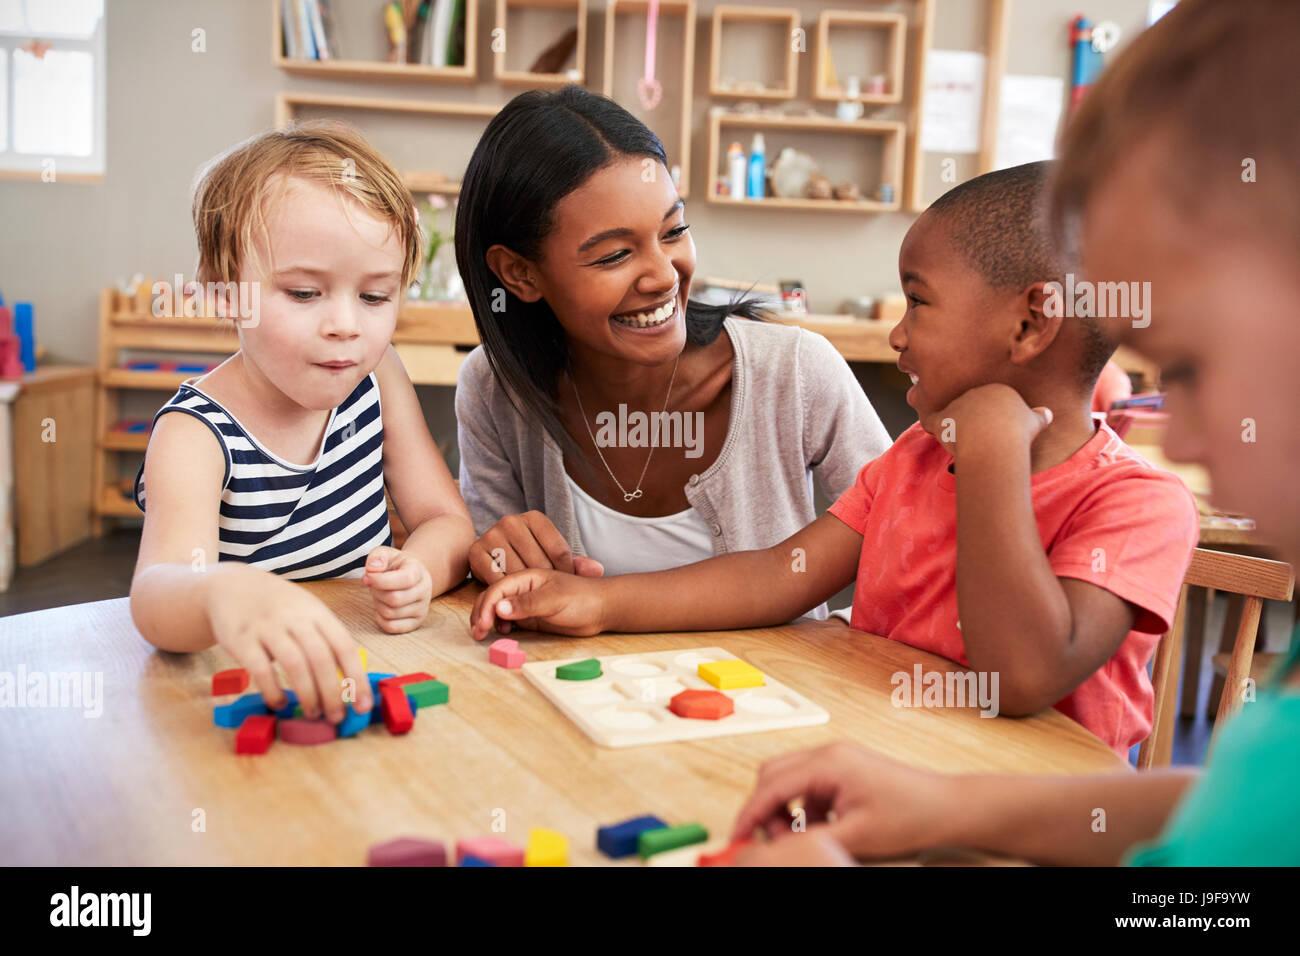 Lehrer und Schüler mit Formen aus Holz In der Montessori-Schule Stockbild